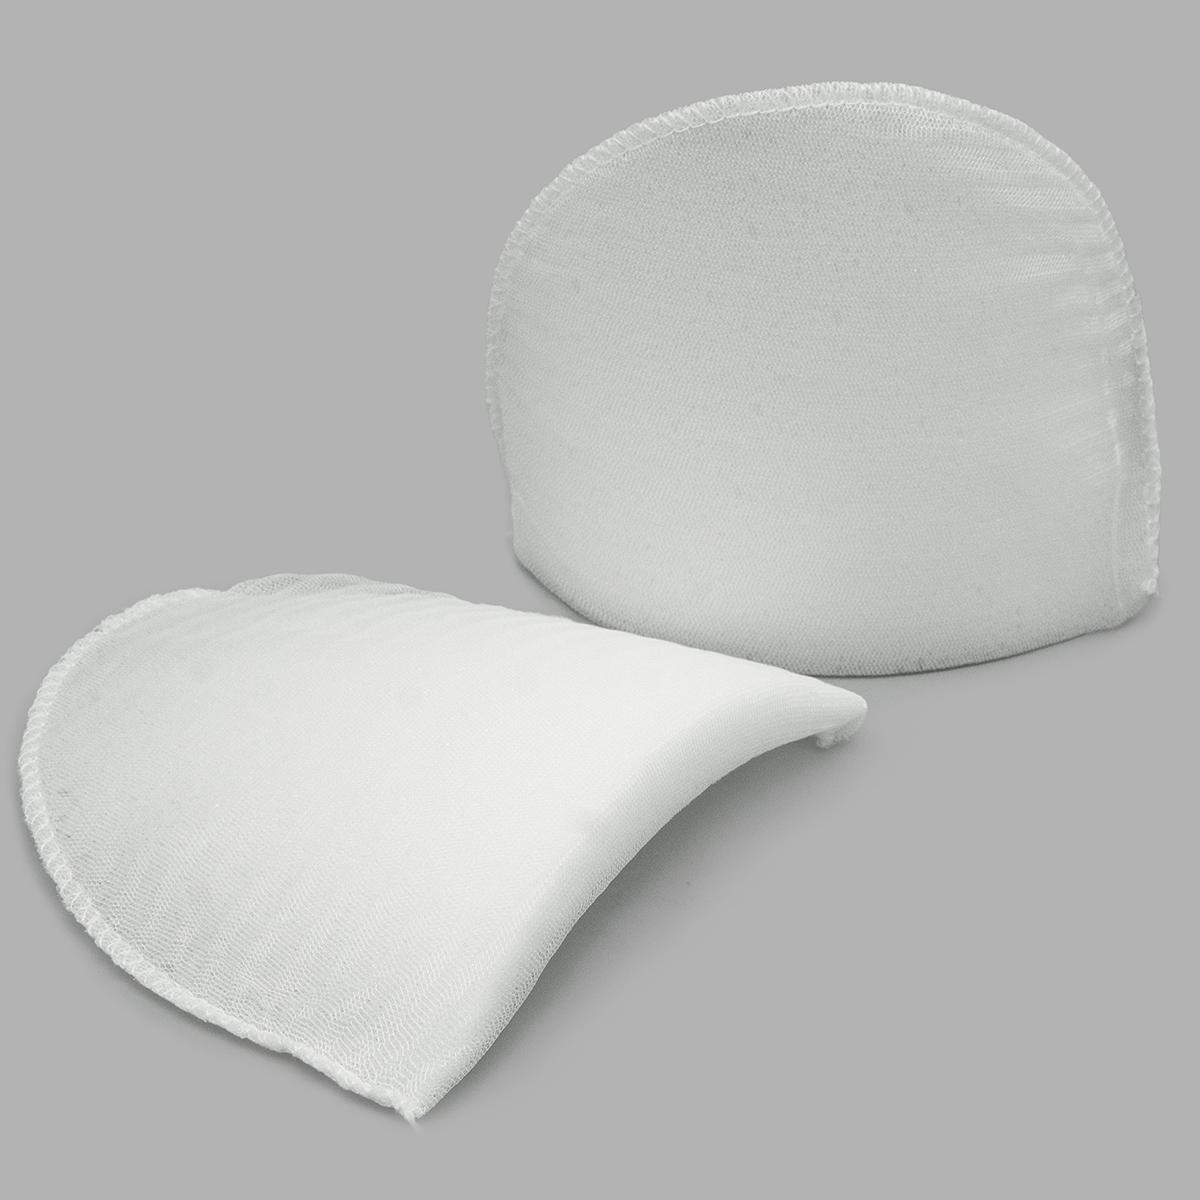 Плечевые накладки В-16/А втачные обшитые цвет белый, 16х120х165 мм, Hobby&Pro